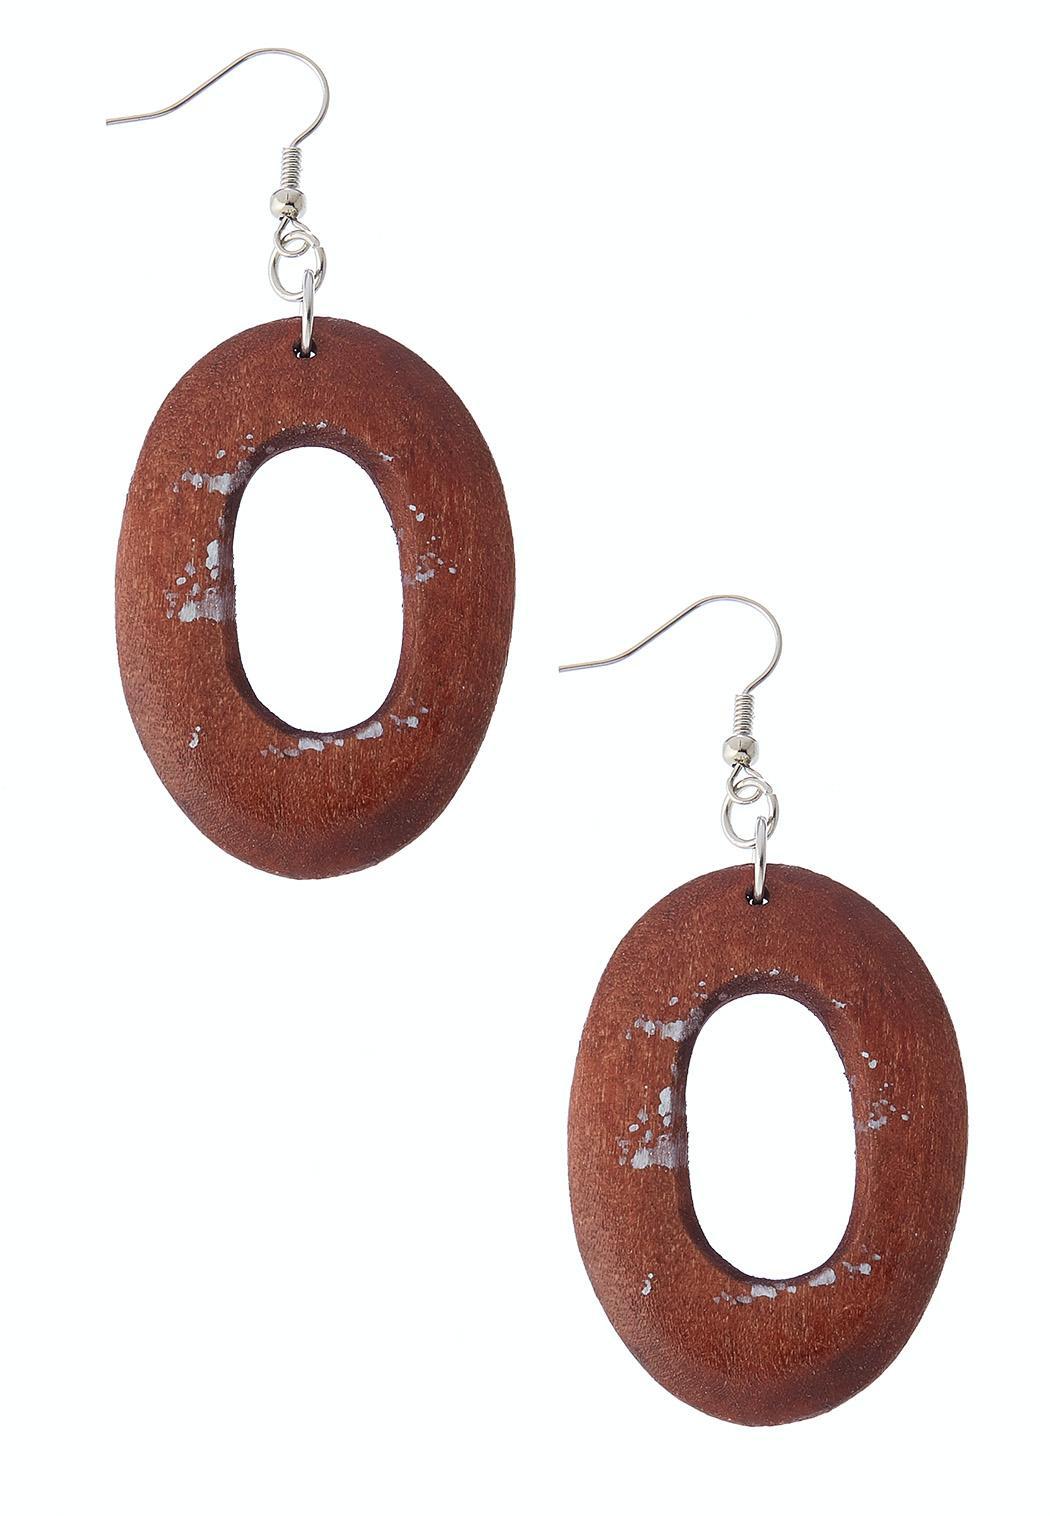 Wood Oval Ring Earrings